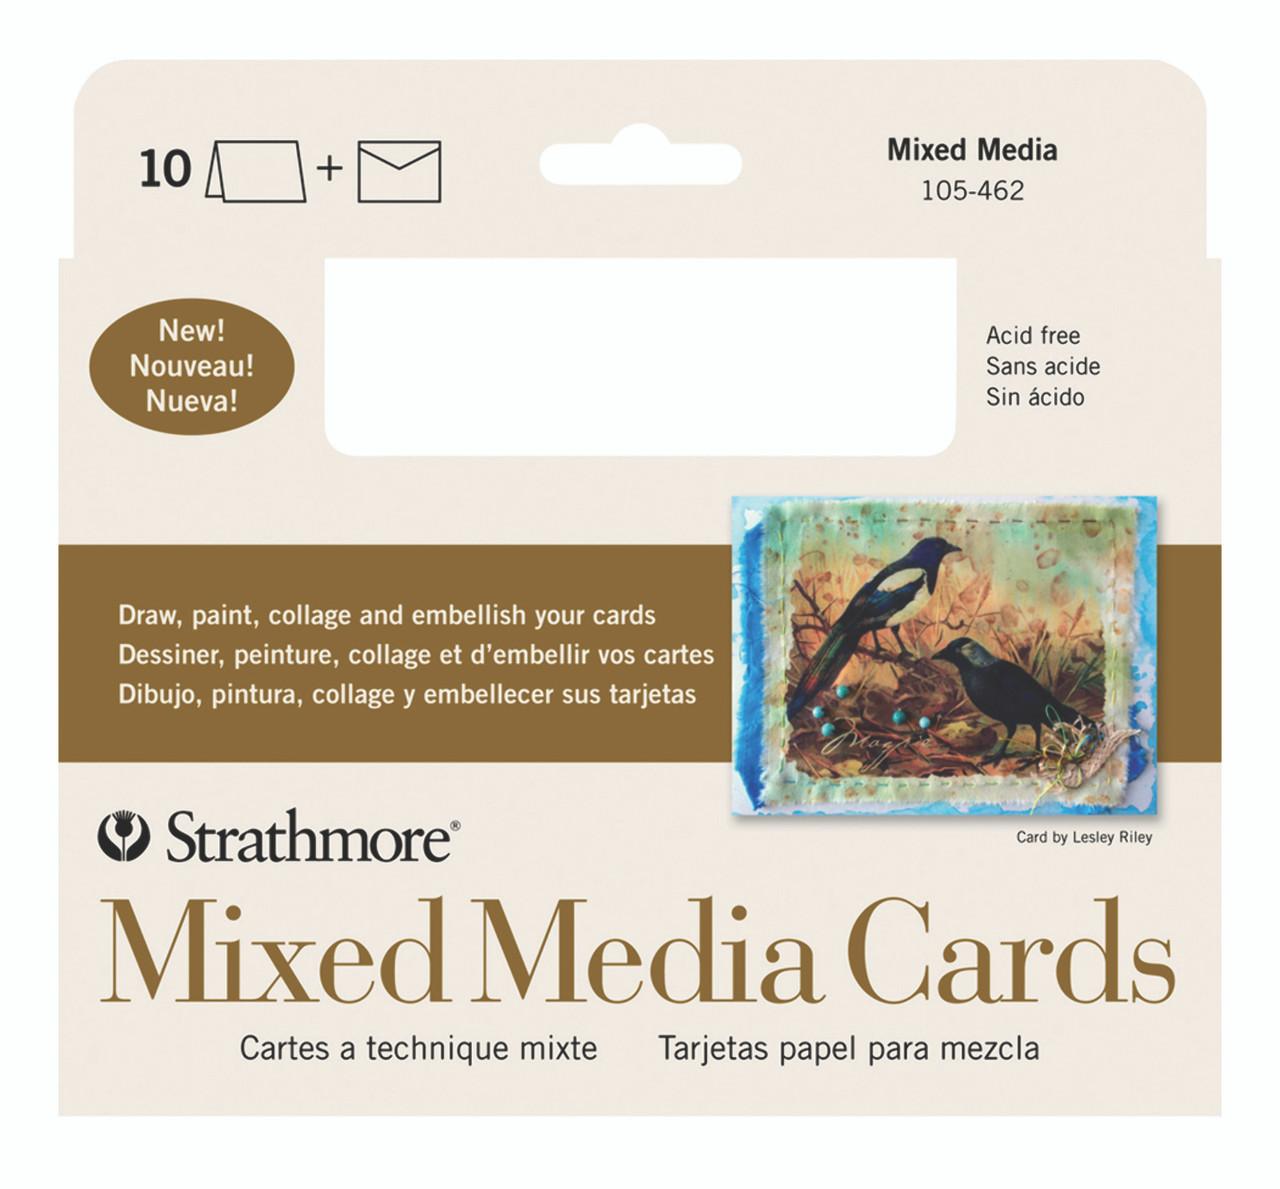 Mixed Media Cards 5 x 6.875